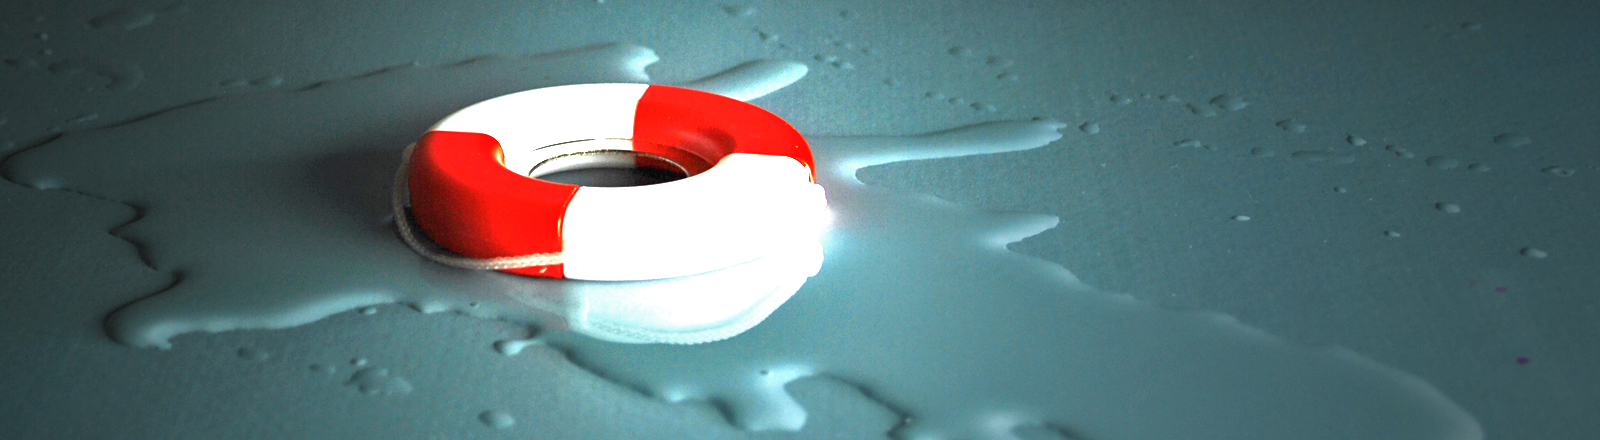 Ein Miniatur-Rettungsring liegt auf blauem Hintergrund, davor eine kleine Pfütze.